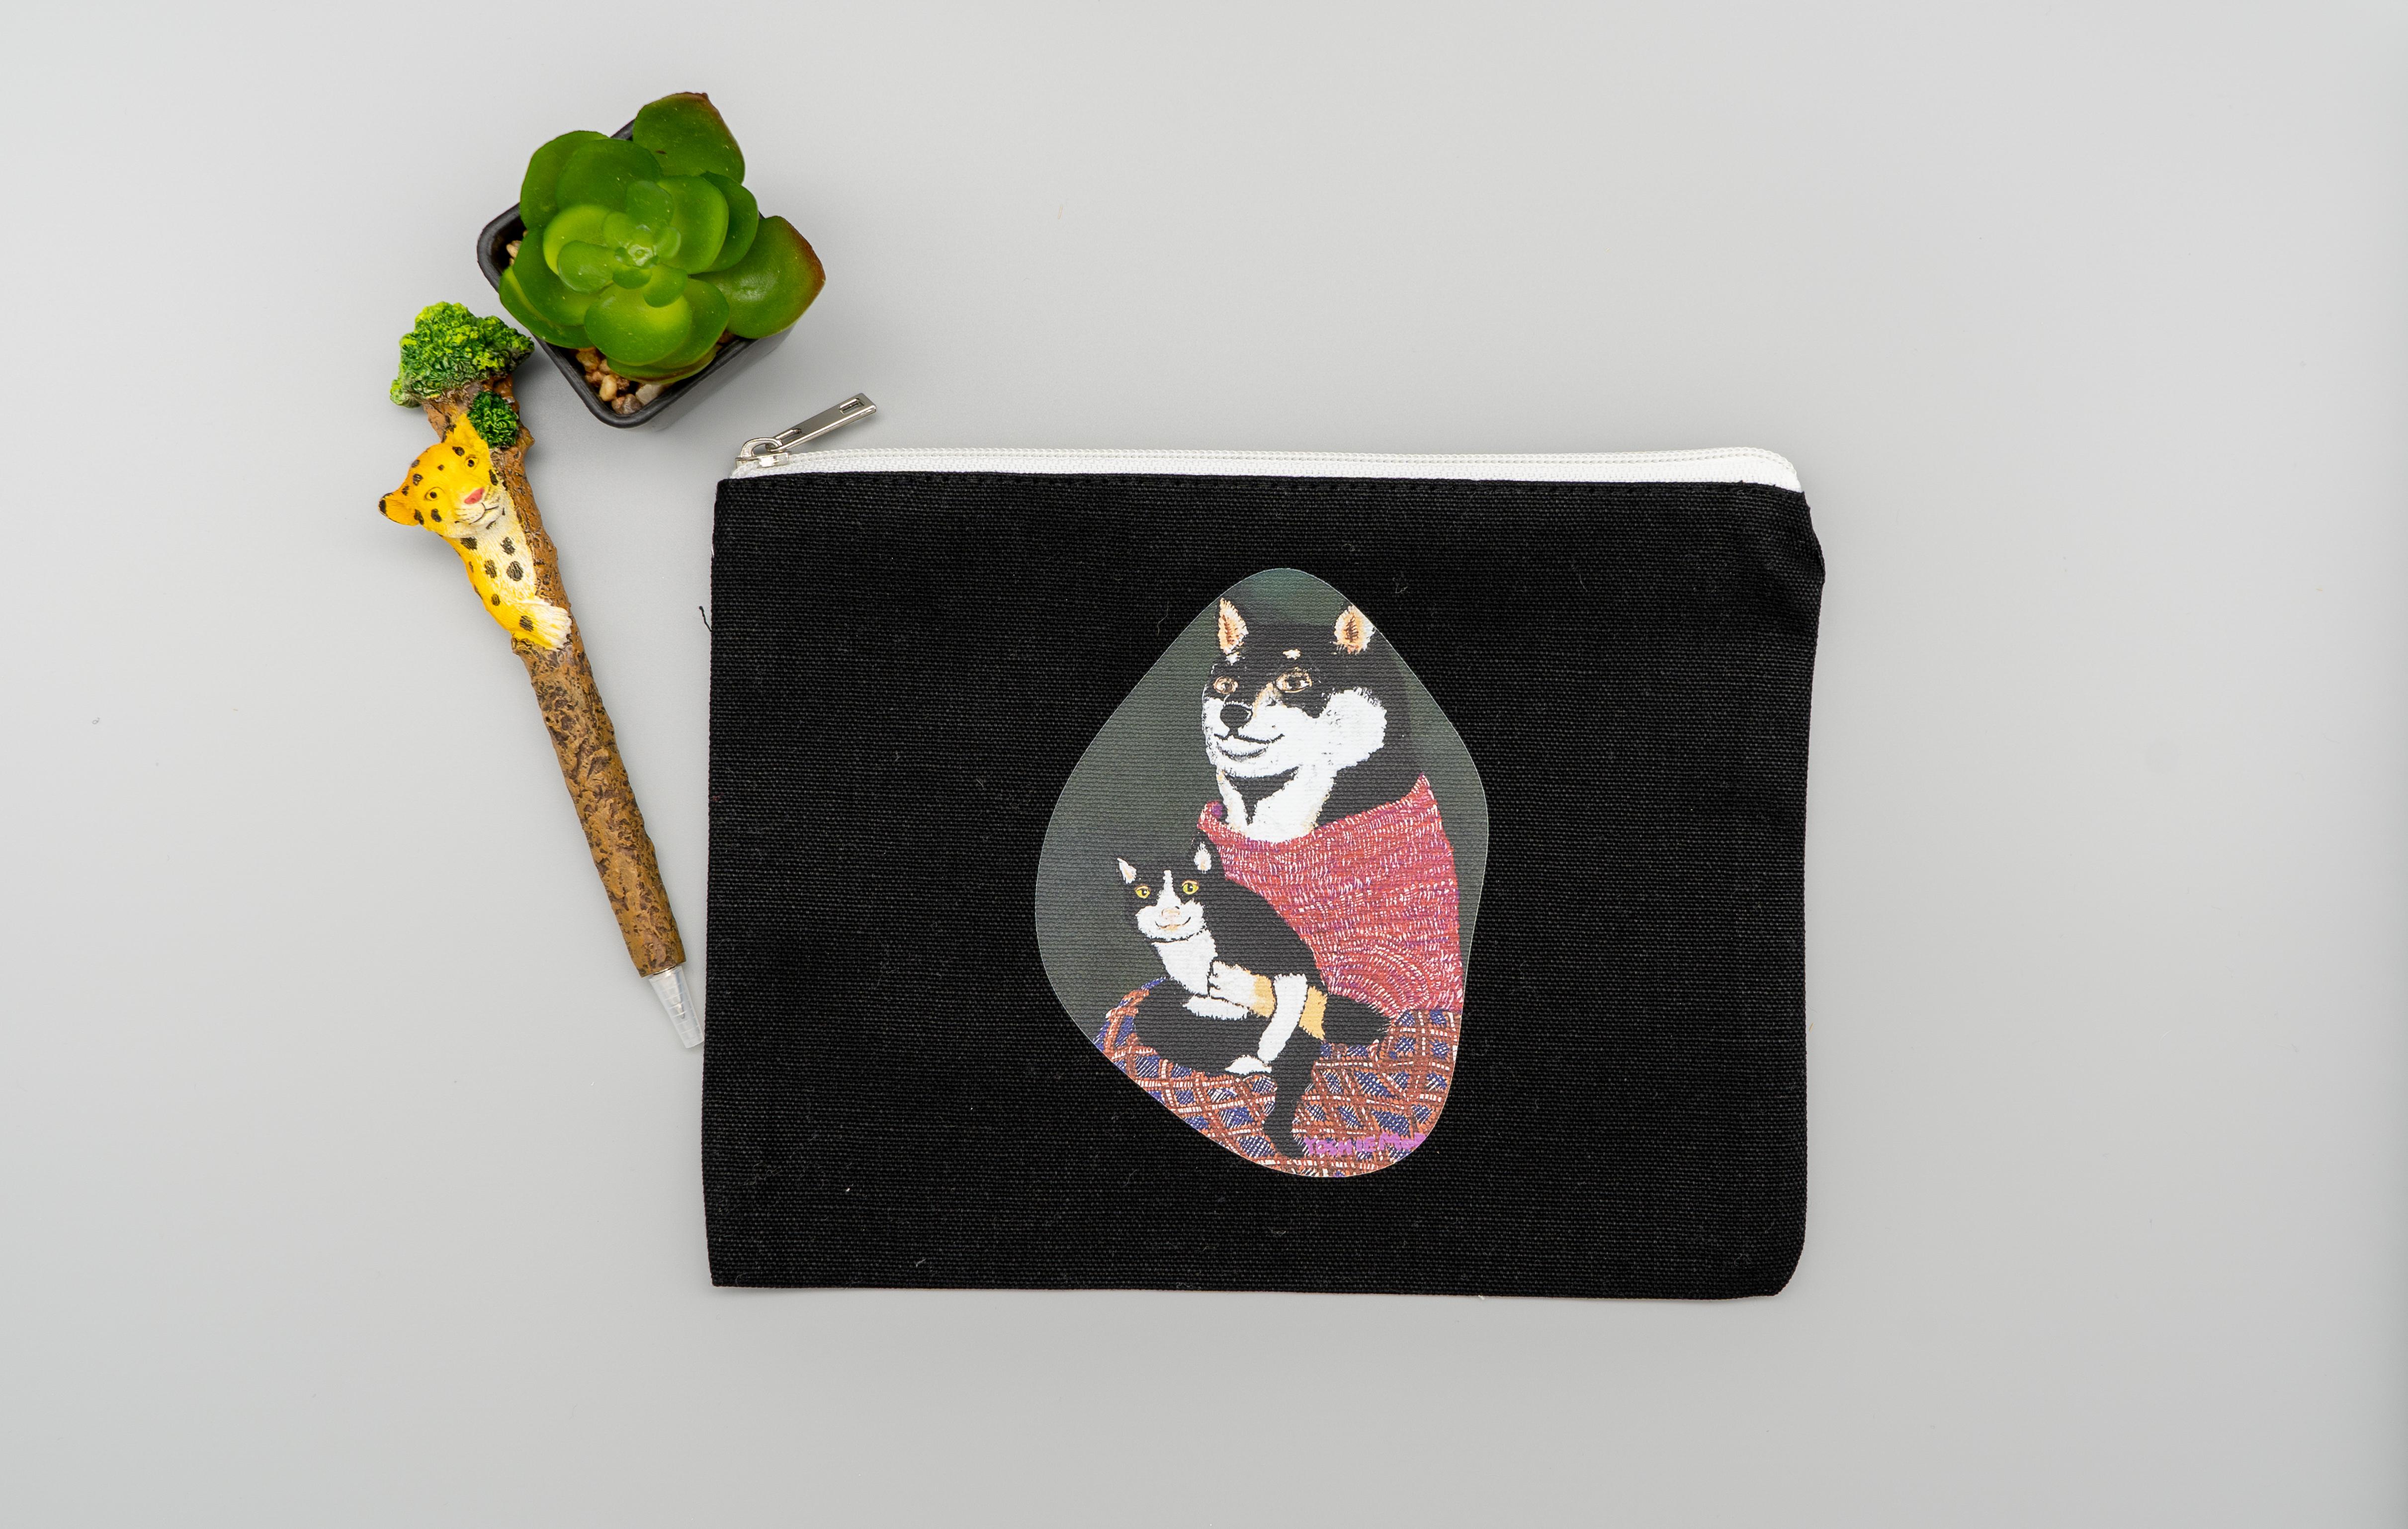 【キャンバスフラットポーチM】黒柴さんと黒猫さん